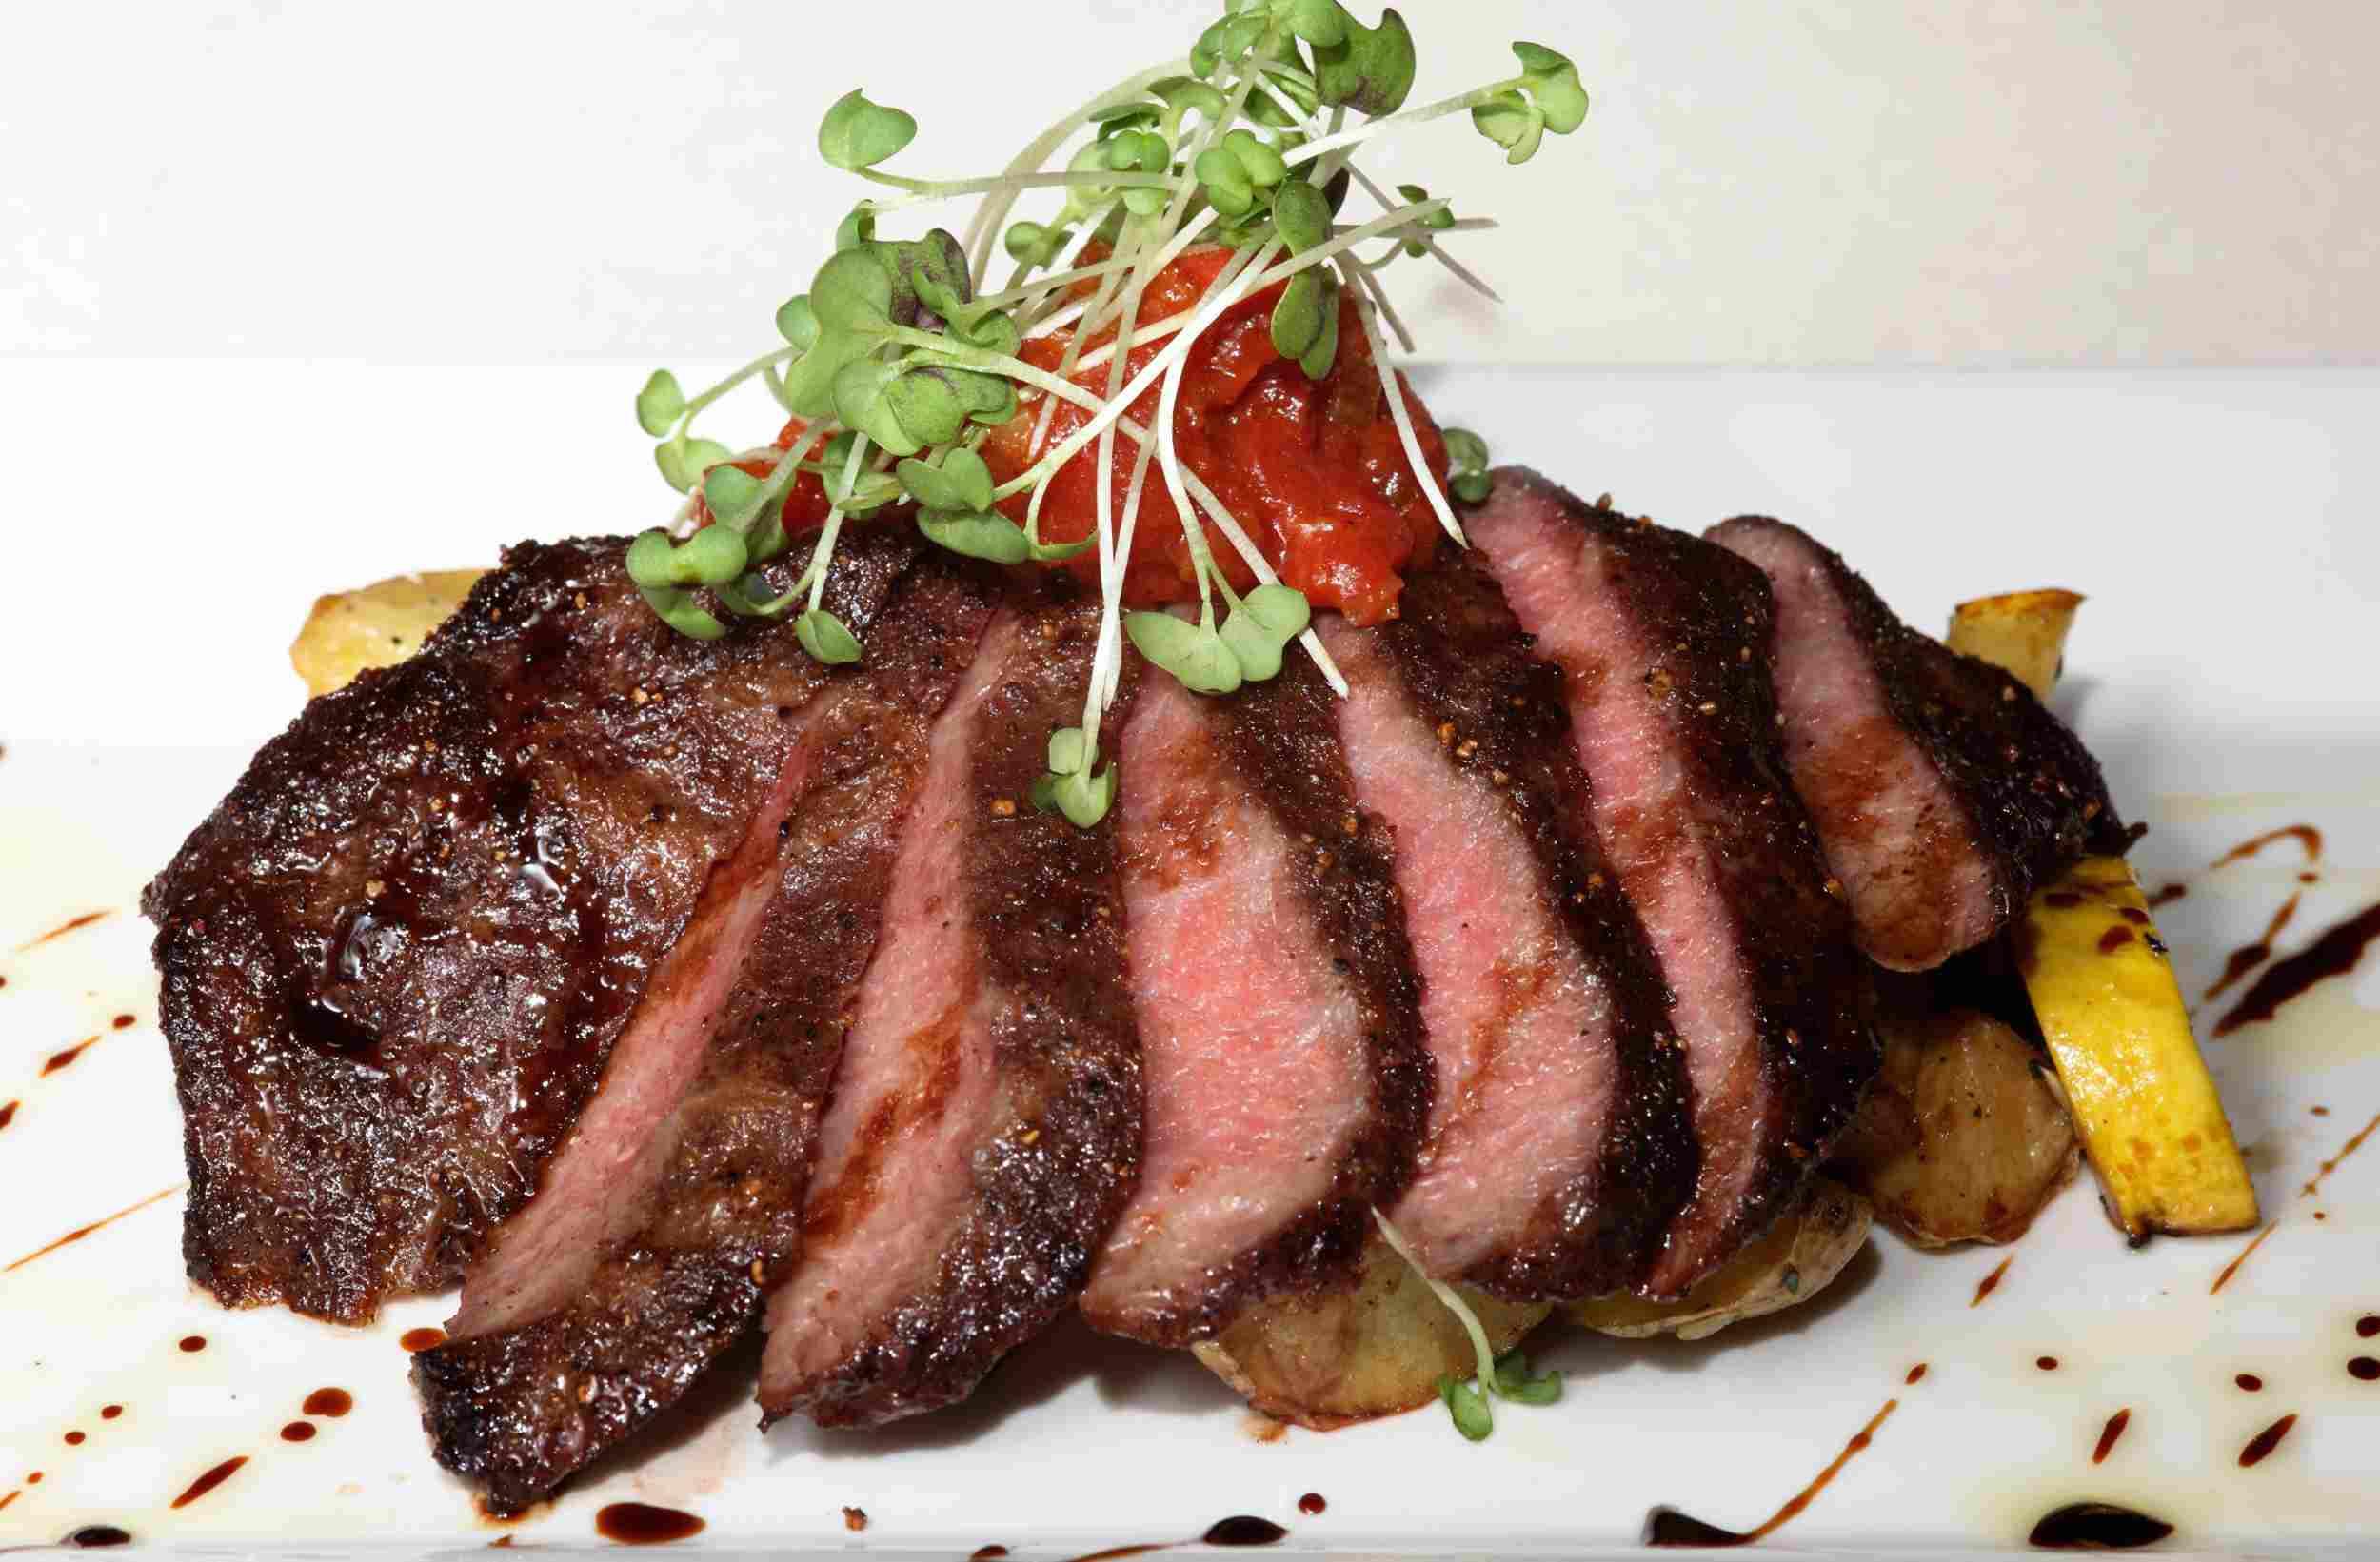 Steak with garnishes.